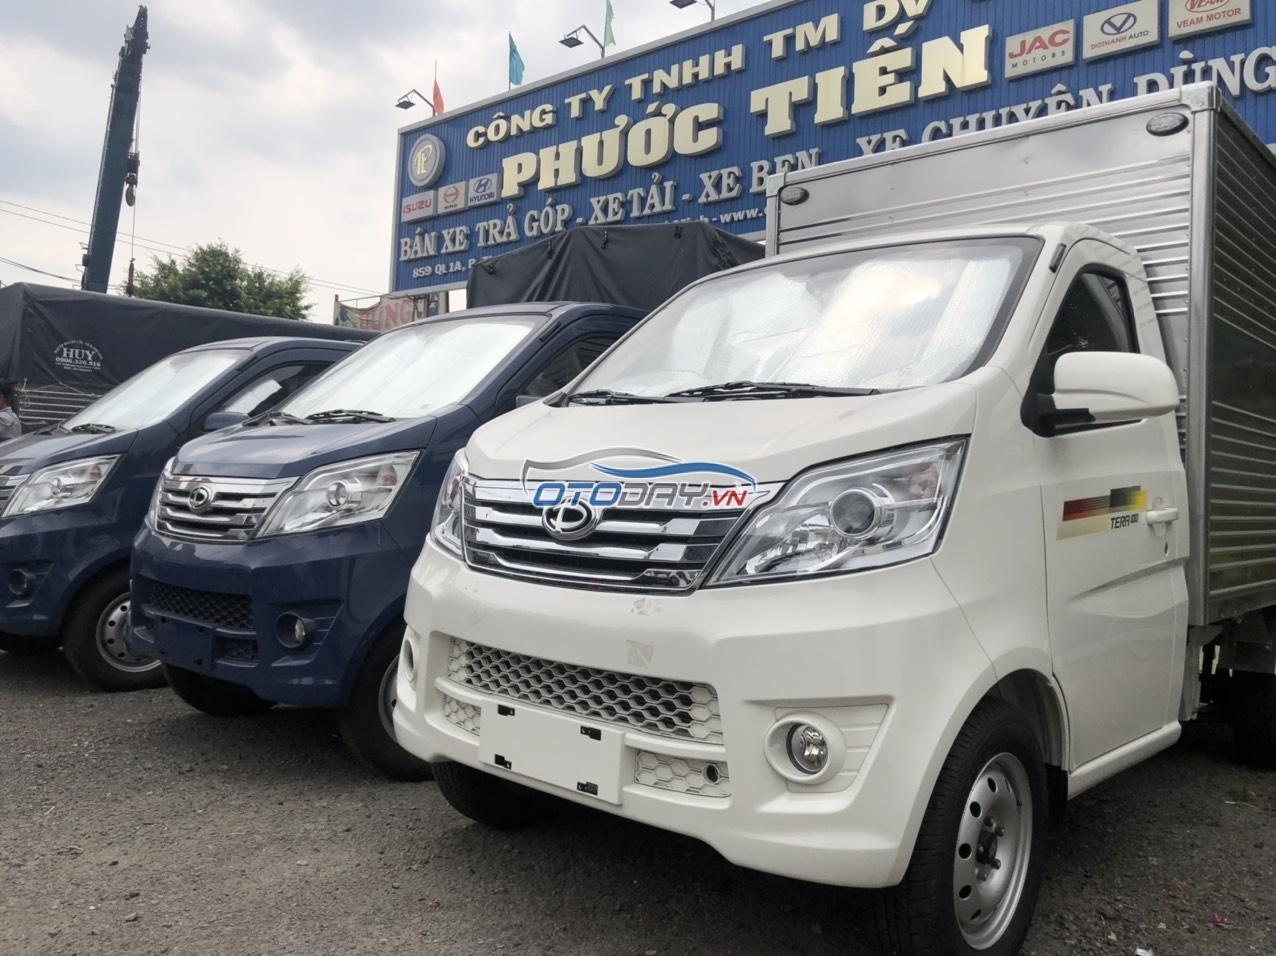 Xe tải Tera 100 động cơ Mitsubishi, Tera 100 thùng cánh dơi, thùng bạt, thùng kín, thùng lửng đều có sẵn